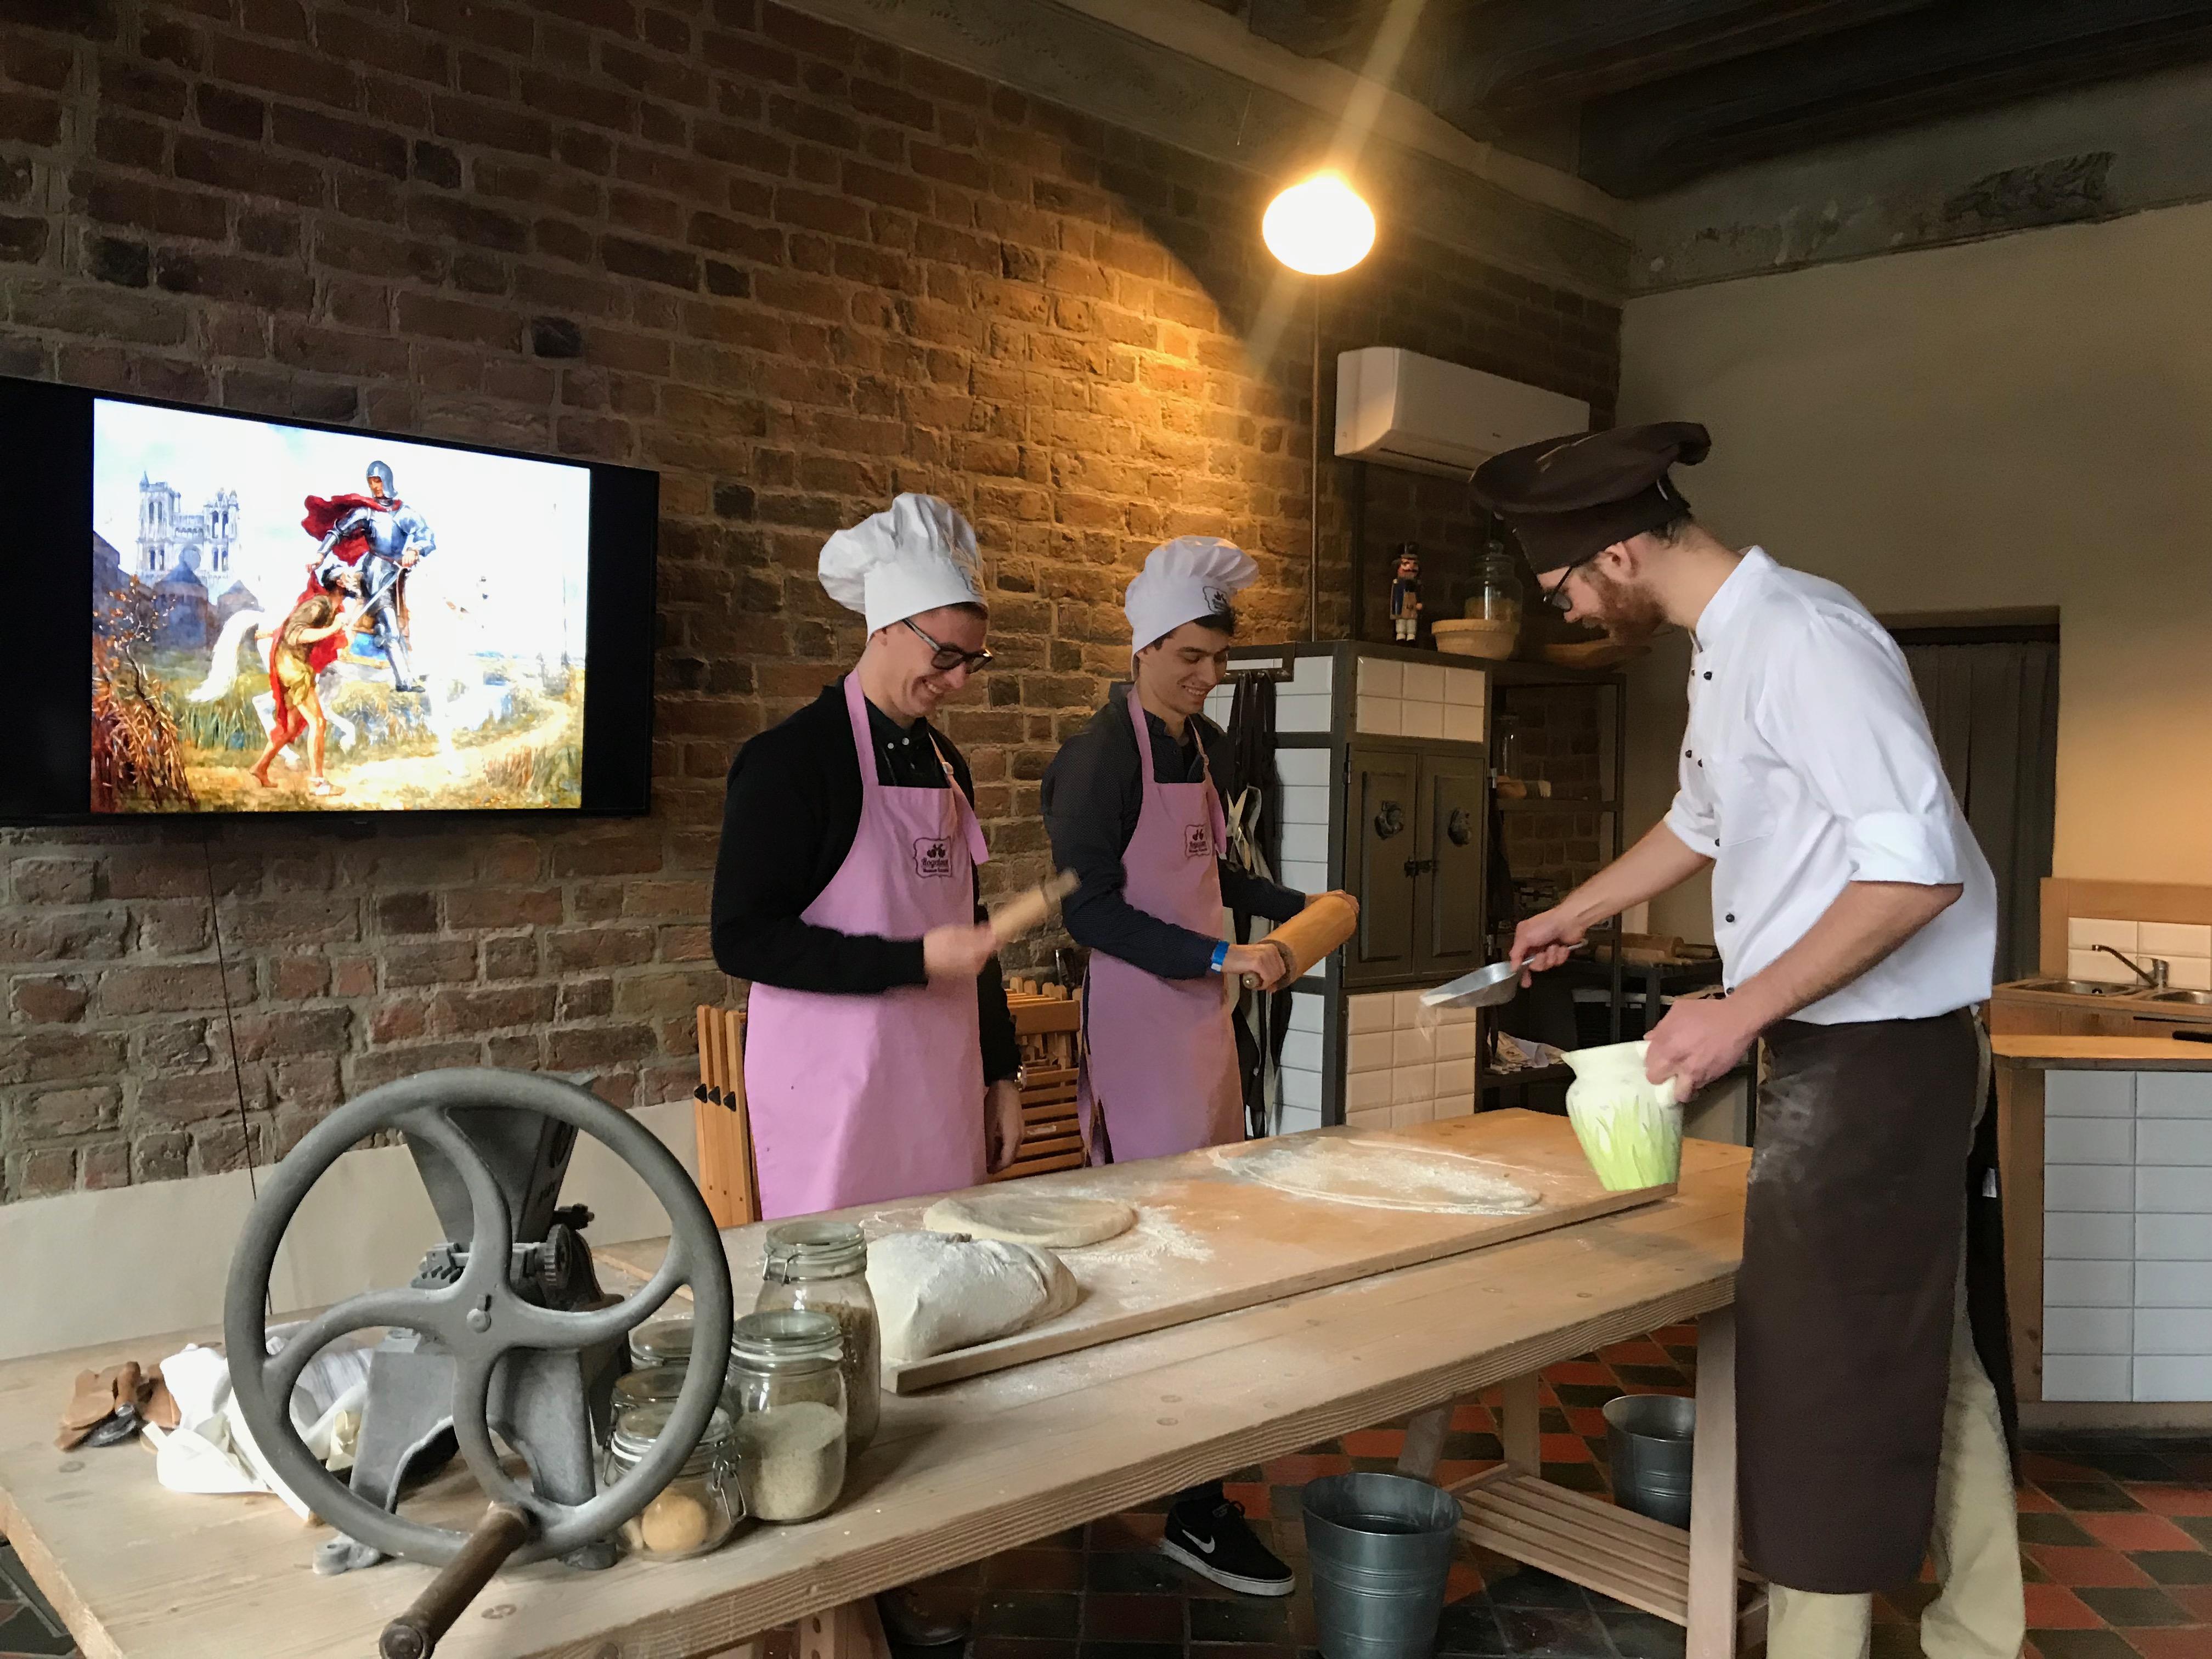 W kuchni pracowali również panowie, którzy z ogromnym zapałem tworzyli wypieki.